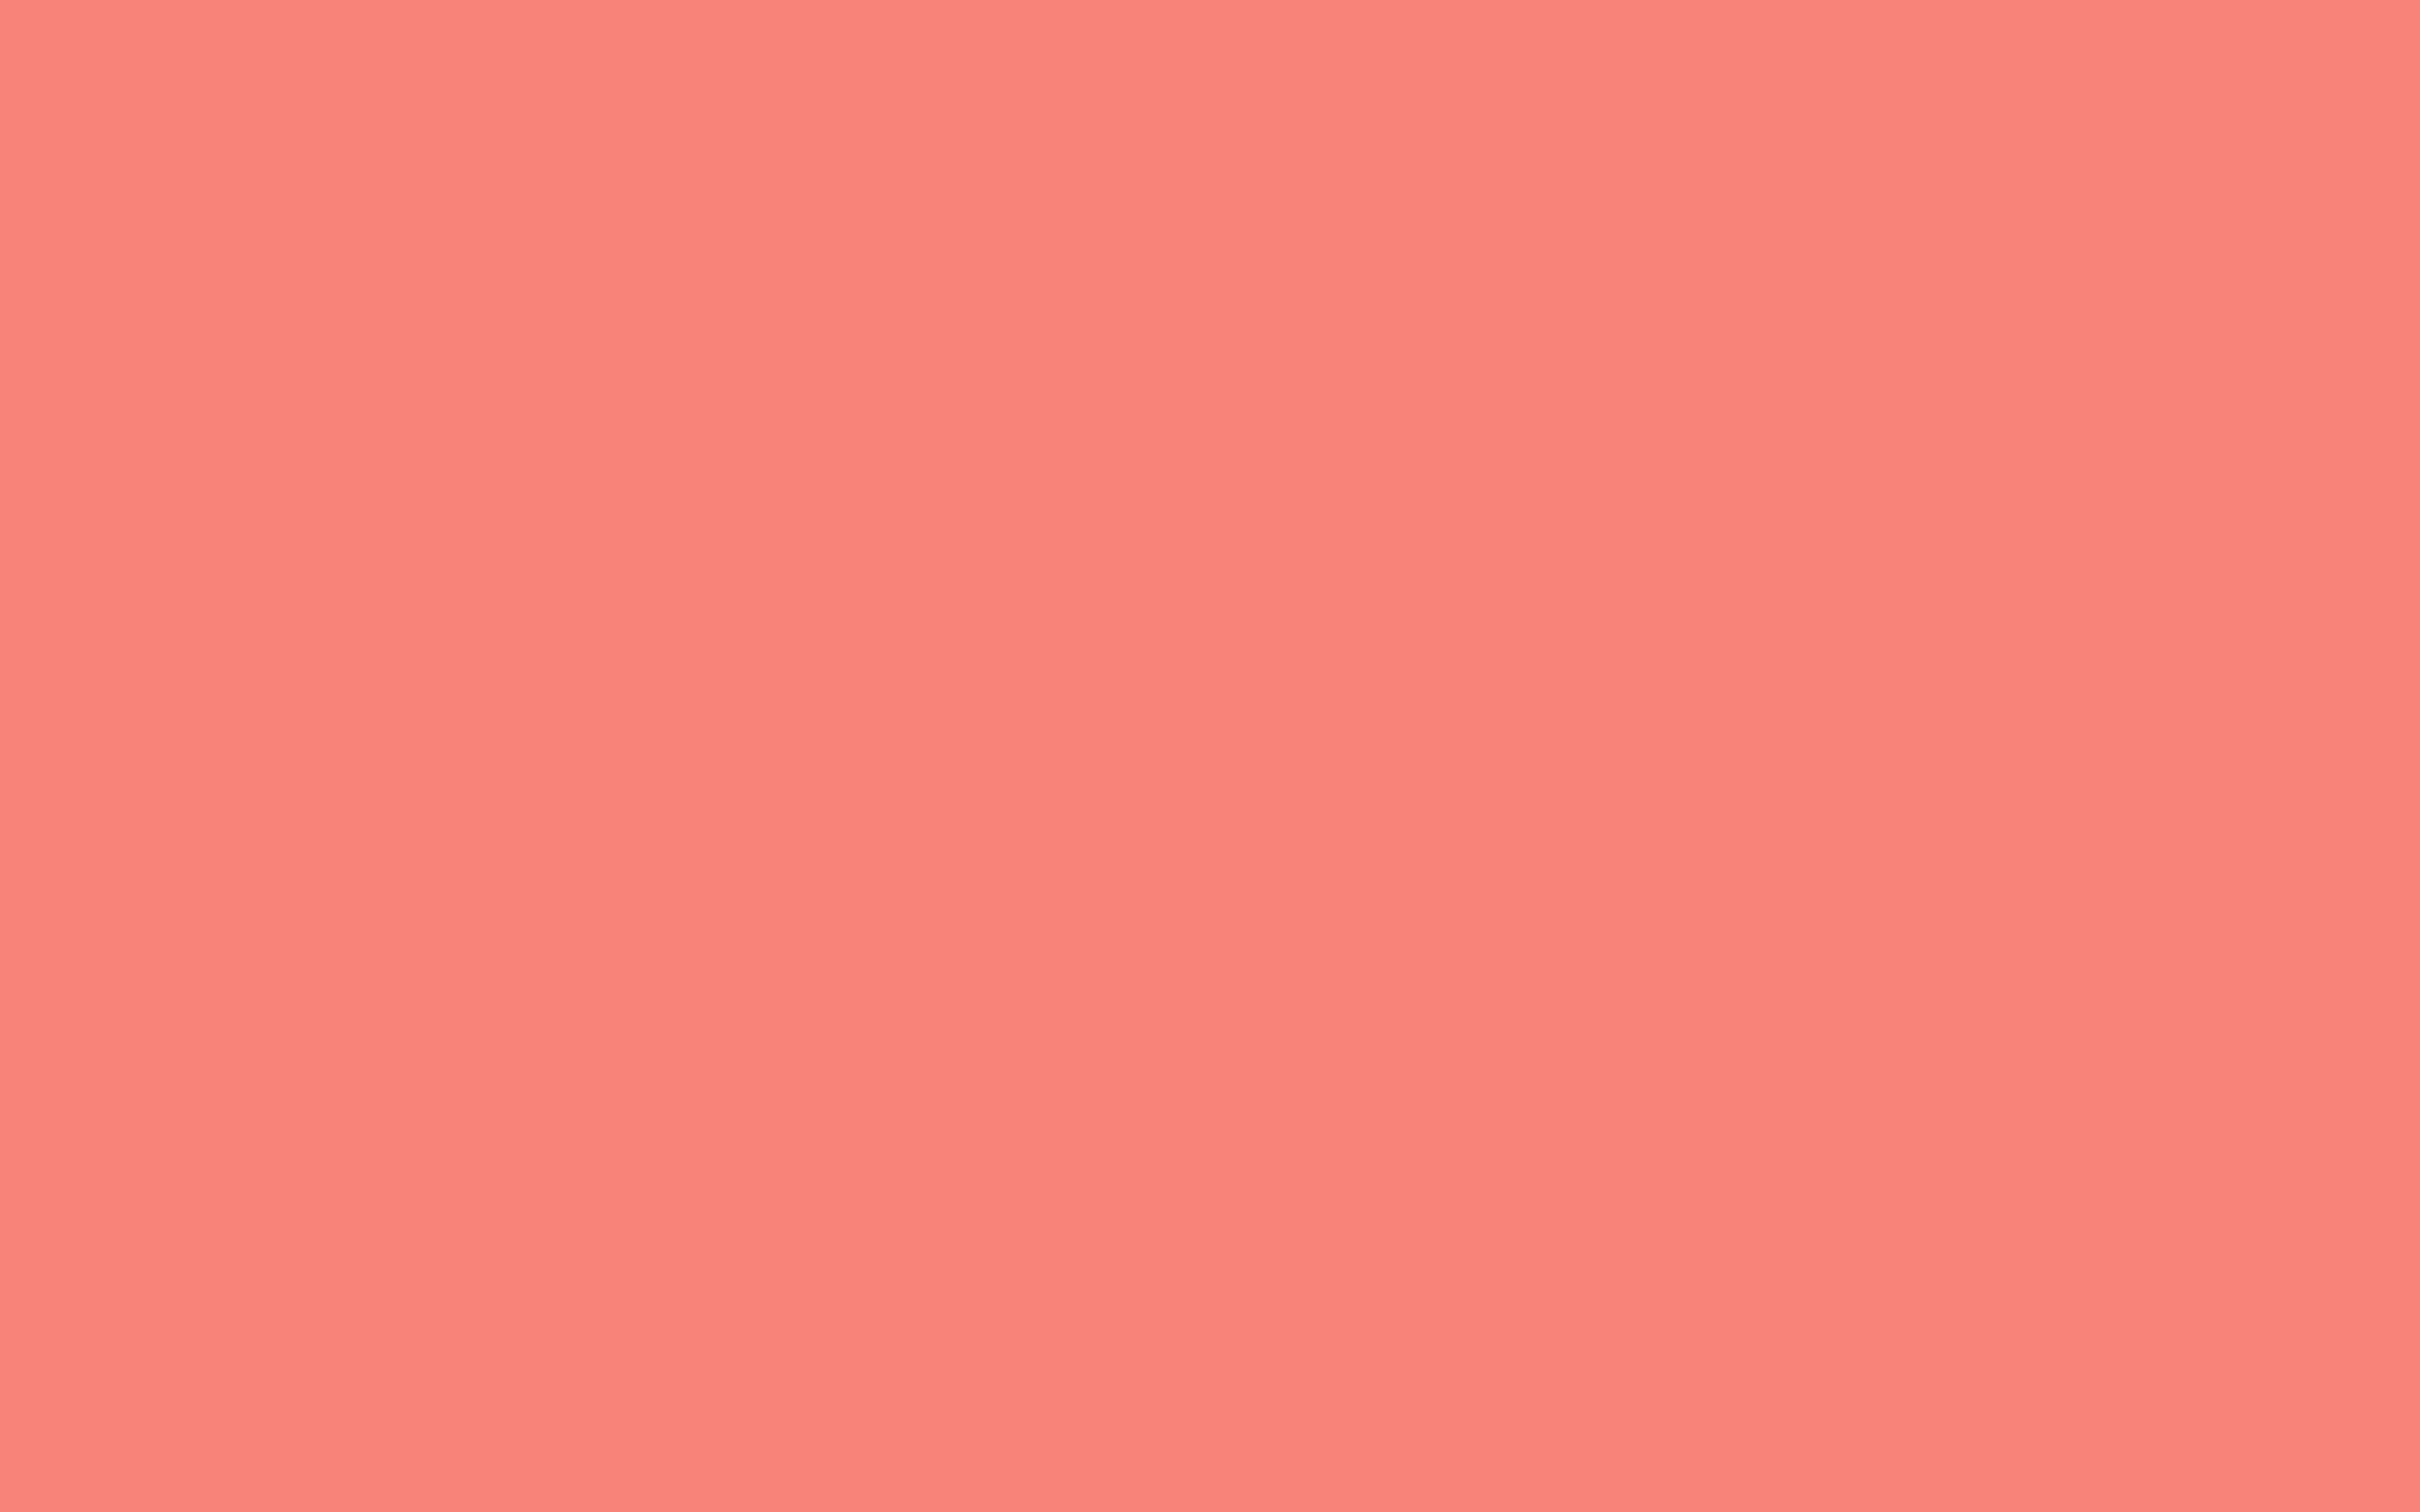 2560x1600 Tea Rose Orange Solid Color Background